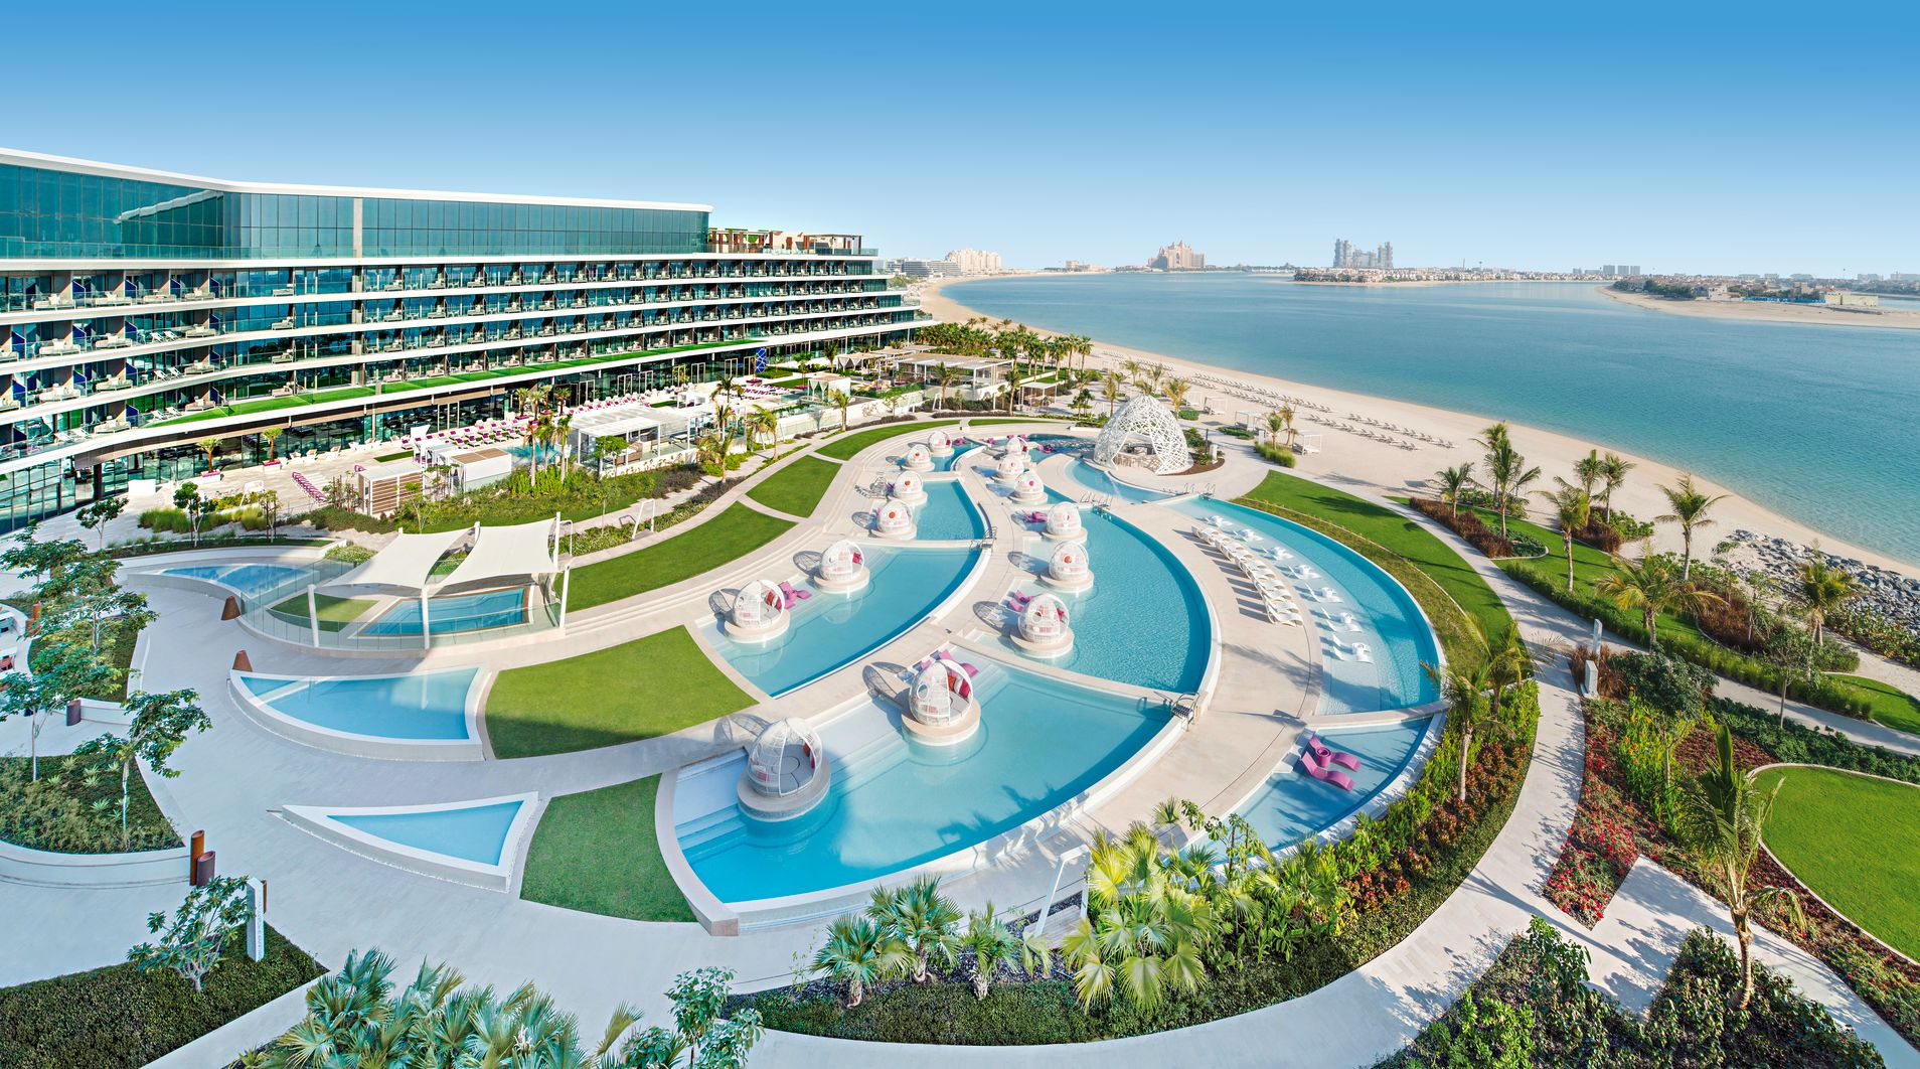 Séjour Emirats Arabes Unis - W Dubai - The Palm - 5*